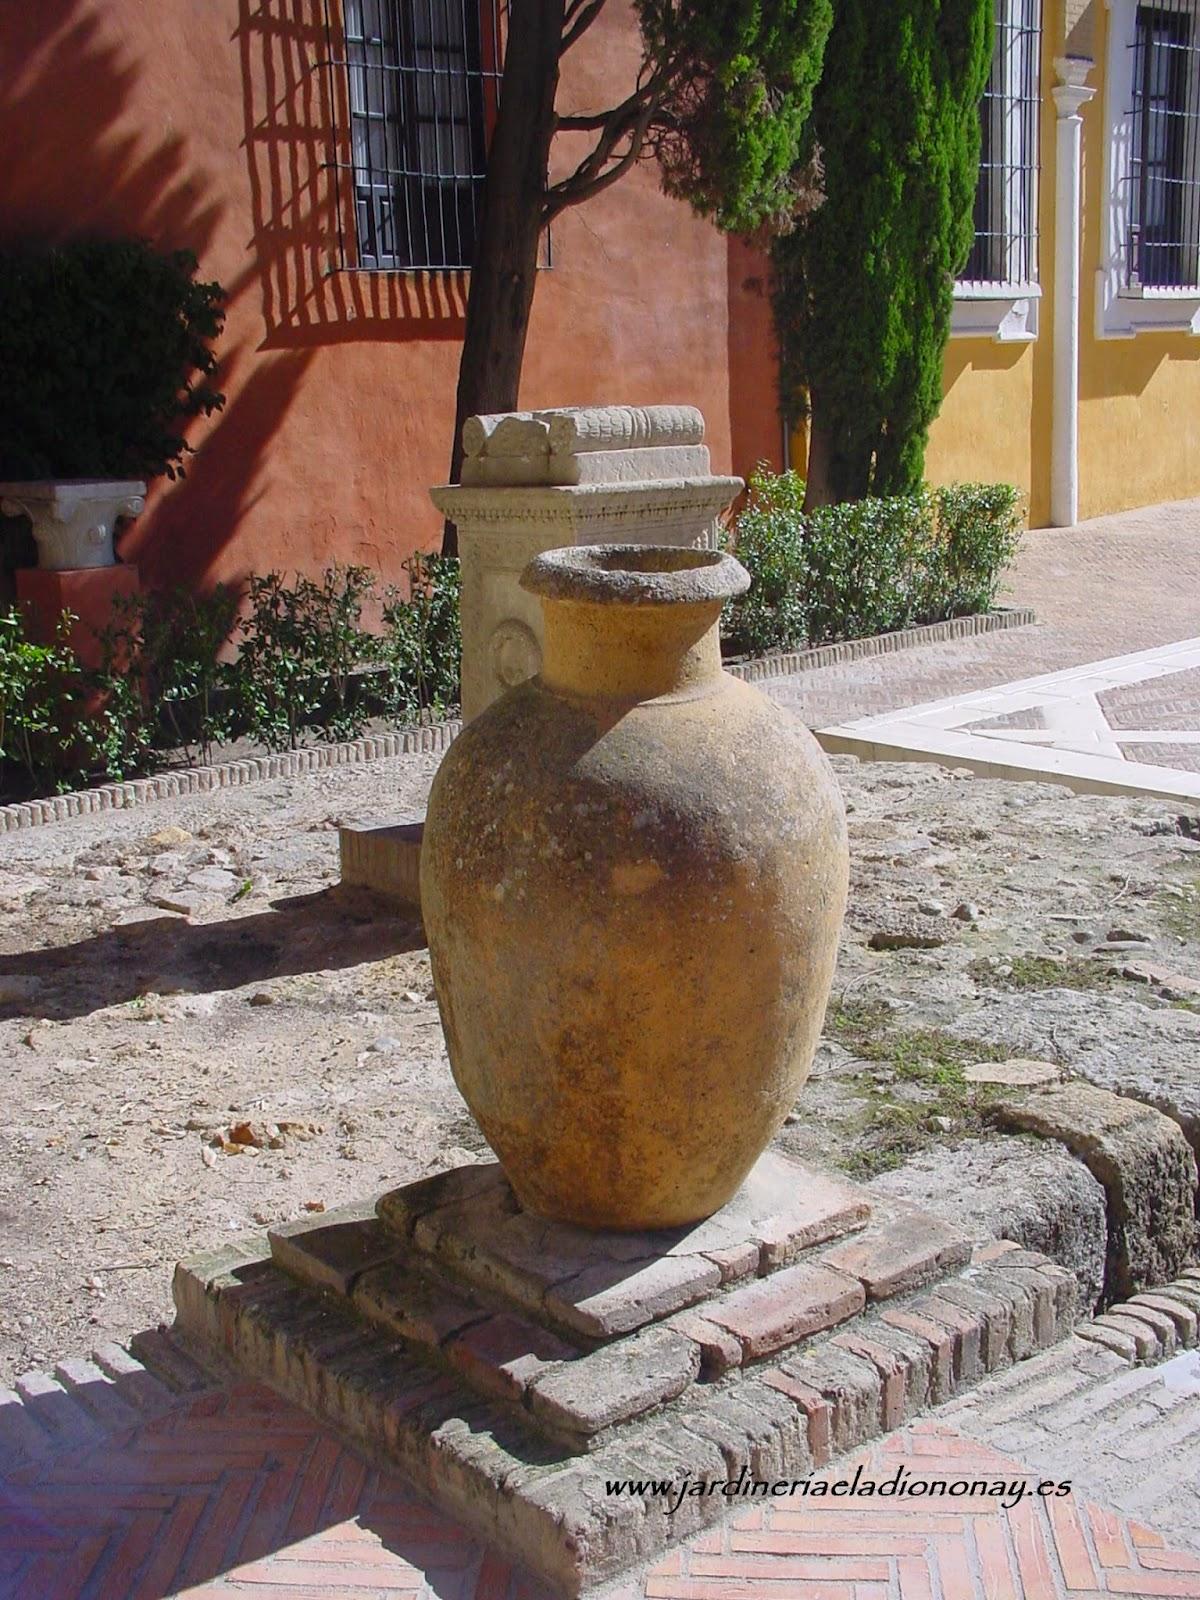 Jardineria eladio nonay las tinajas elementos decorativos jardiner a eladio nonay - Elementos decorativos para jardin ...